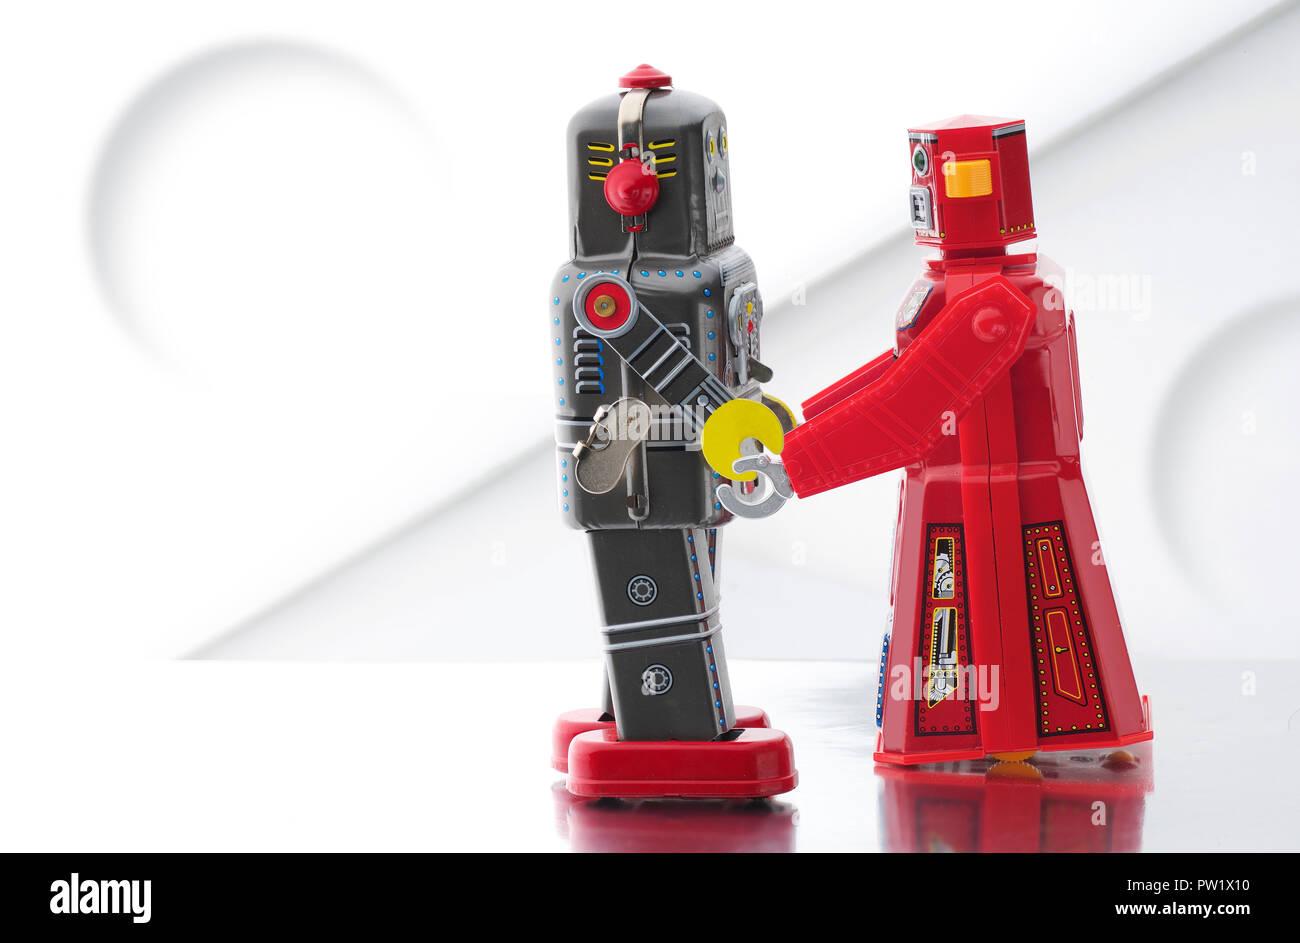 Konzept Jahrgang Blechspielzeug Roboter halten sich an den Händen, Liebe, Zärtlichkeit, Vintage Roboter Roboter Stockbild